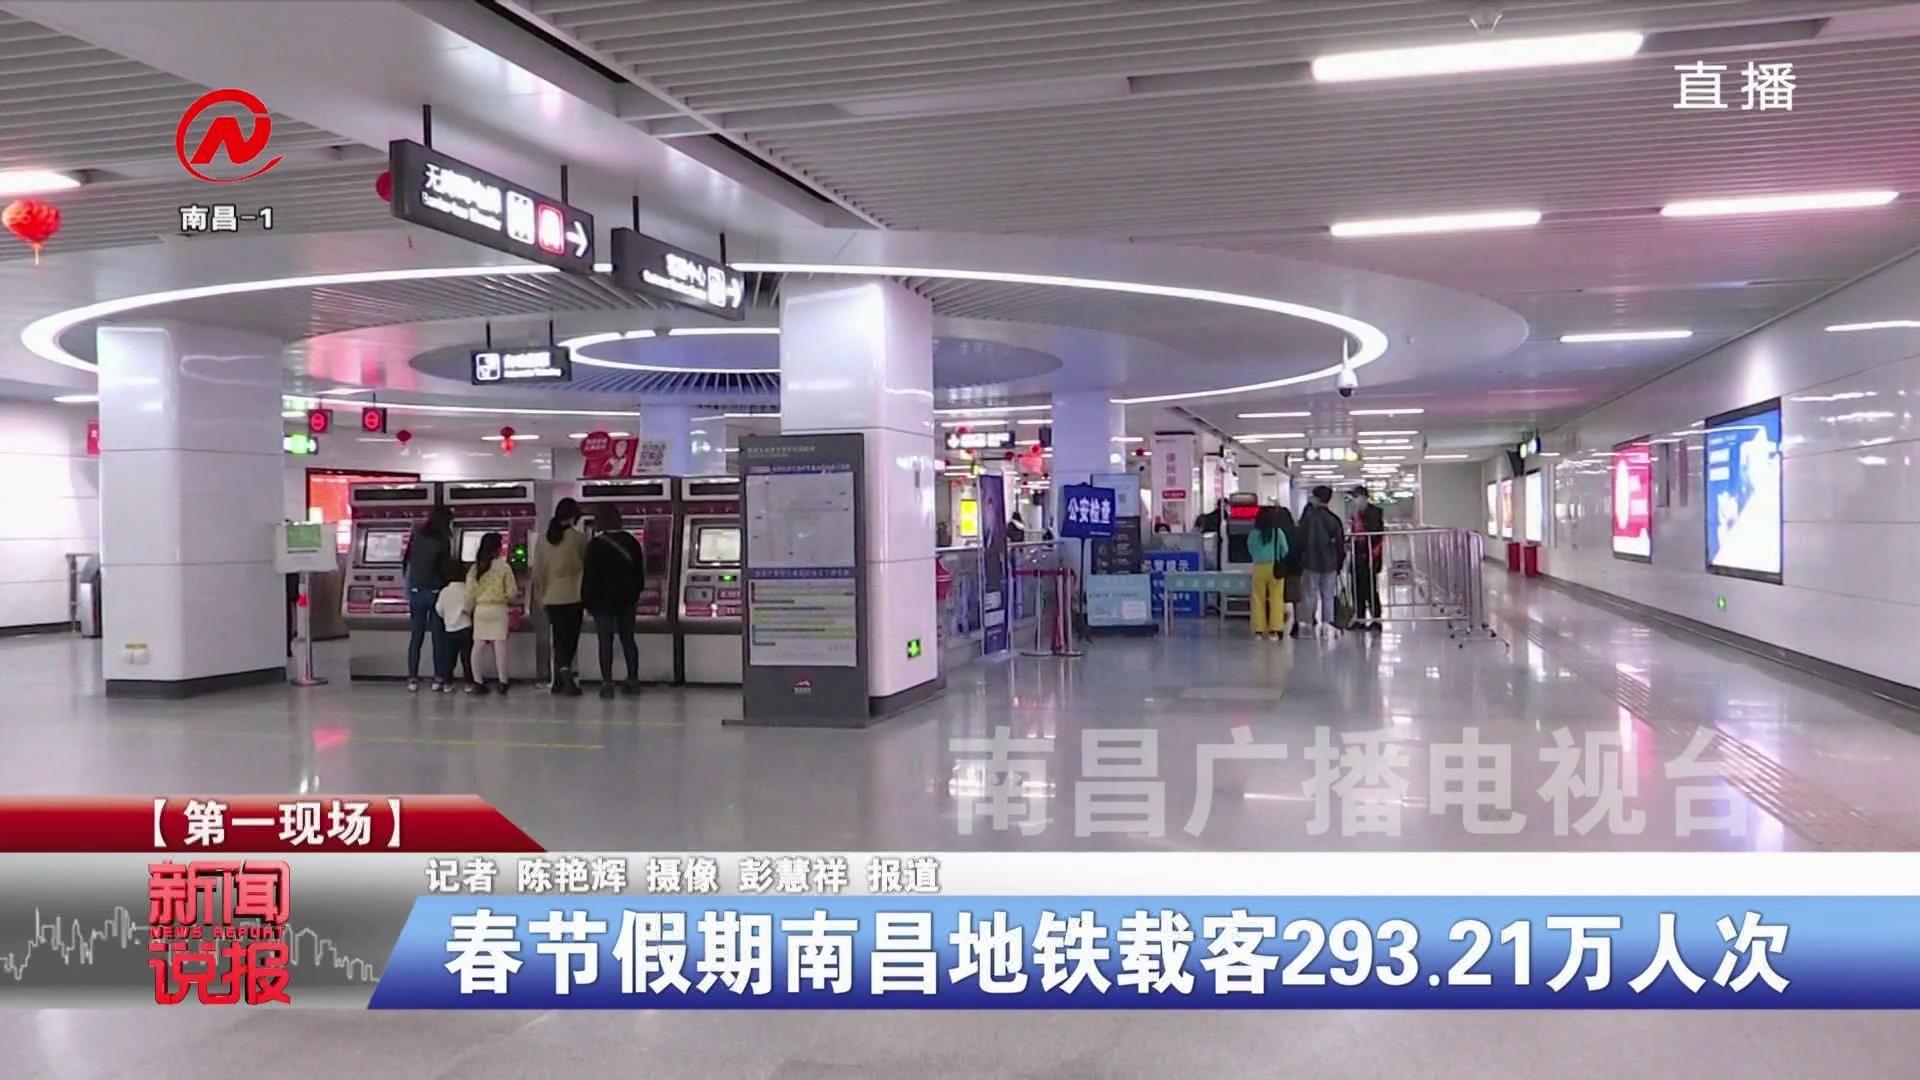 春節假期南昌地鐵載客293.21萬人次